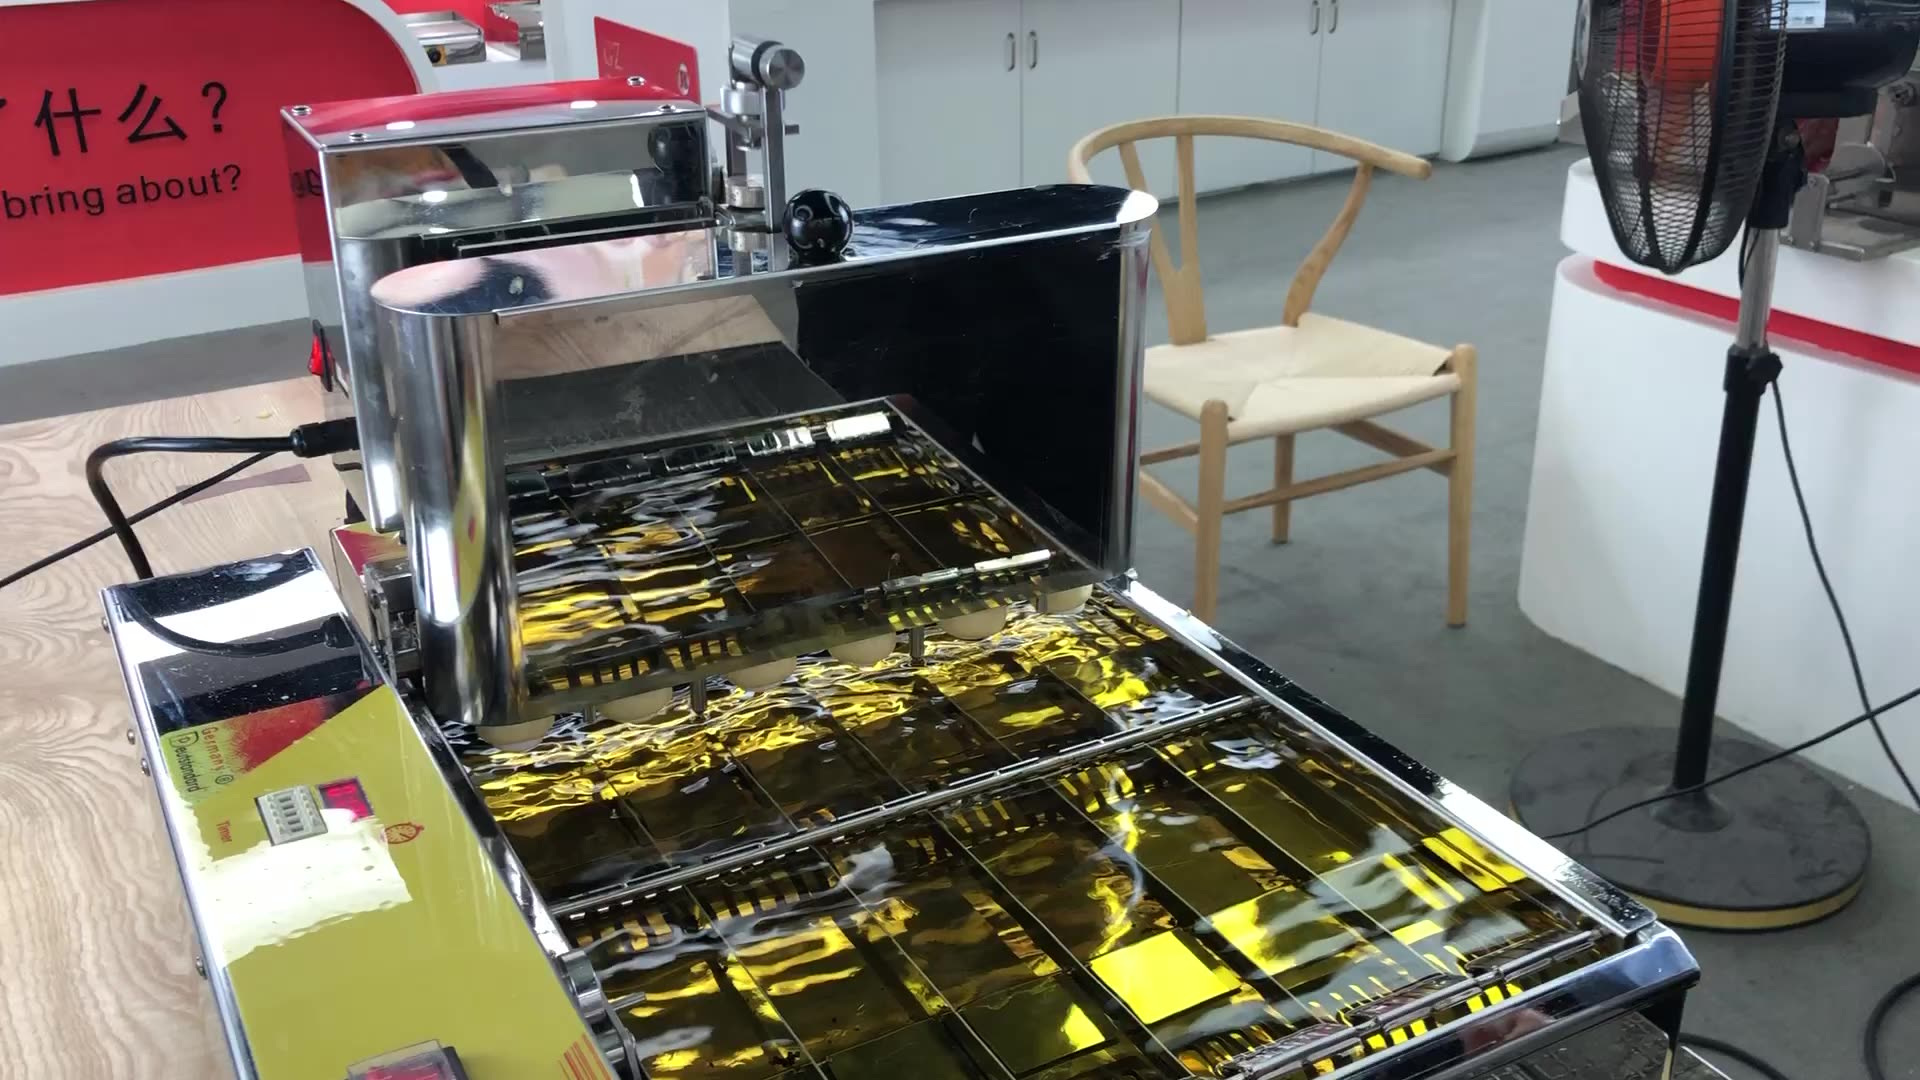 ماكينة تصنيع دونات دونات صغيرة أوتوماتيكية بجودة ألمانية مع مقلاة